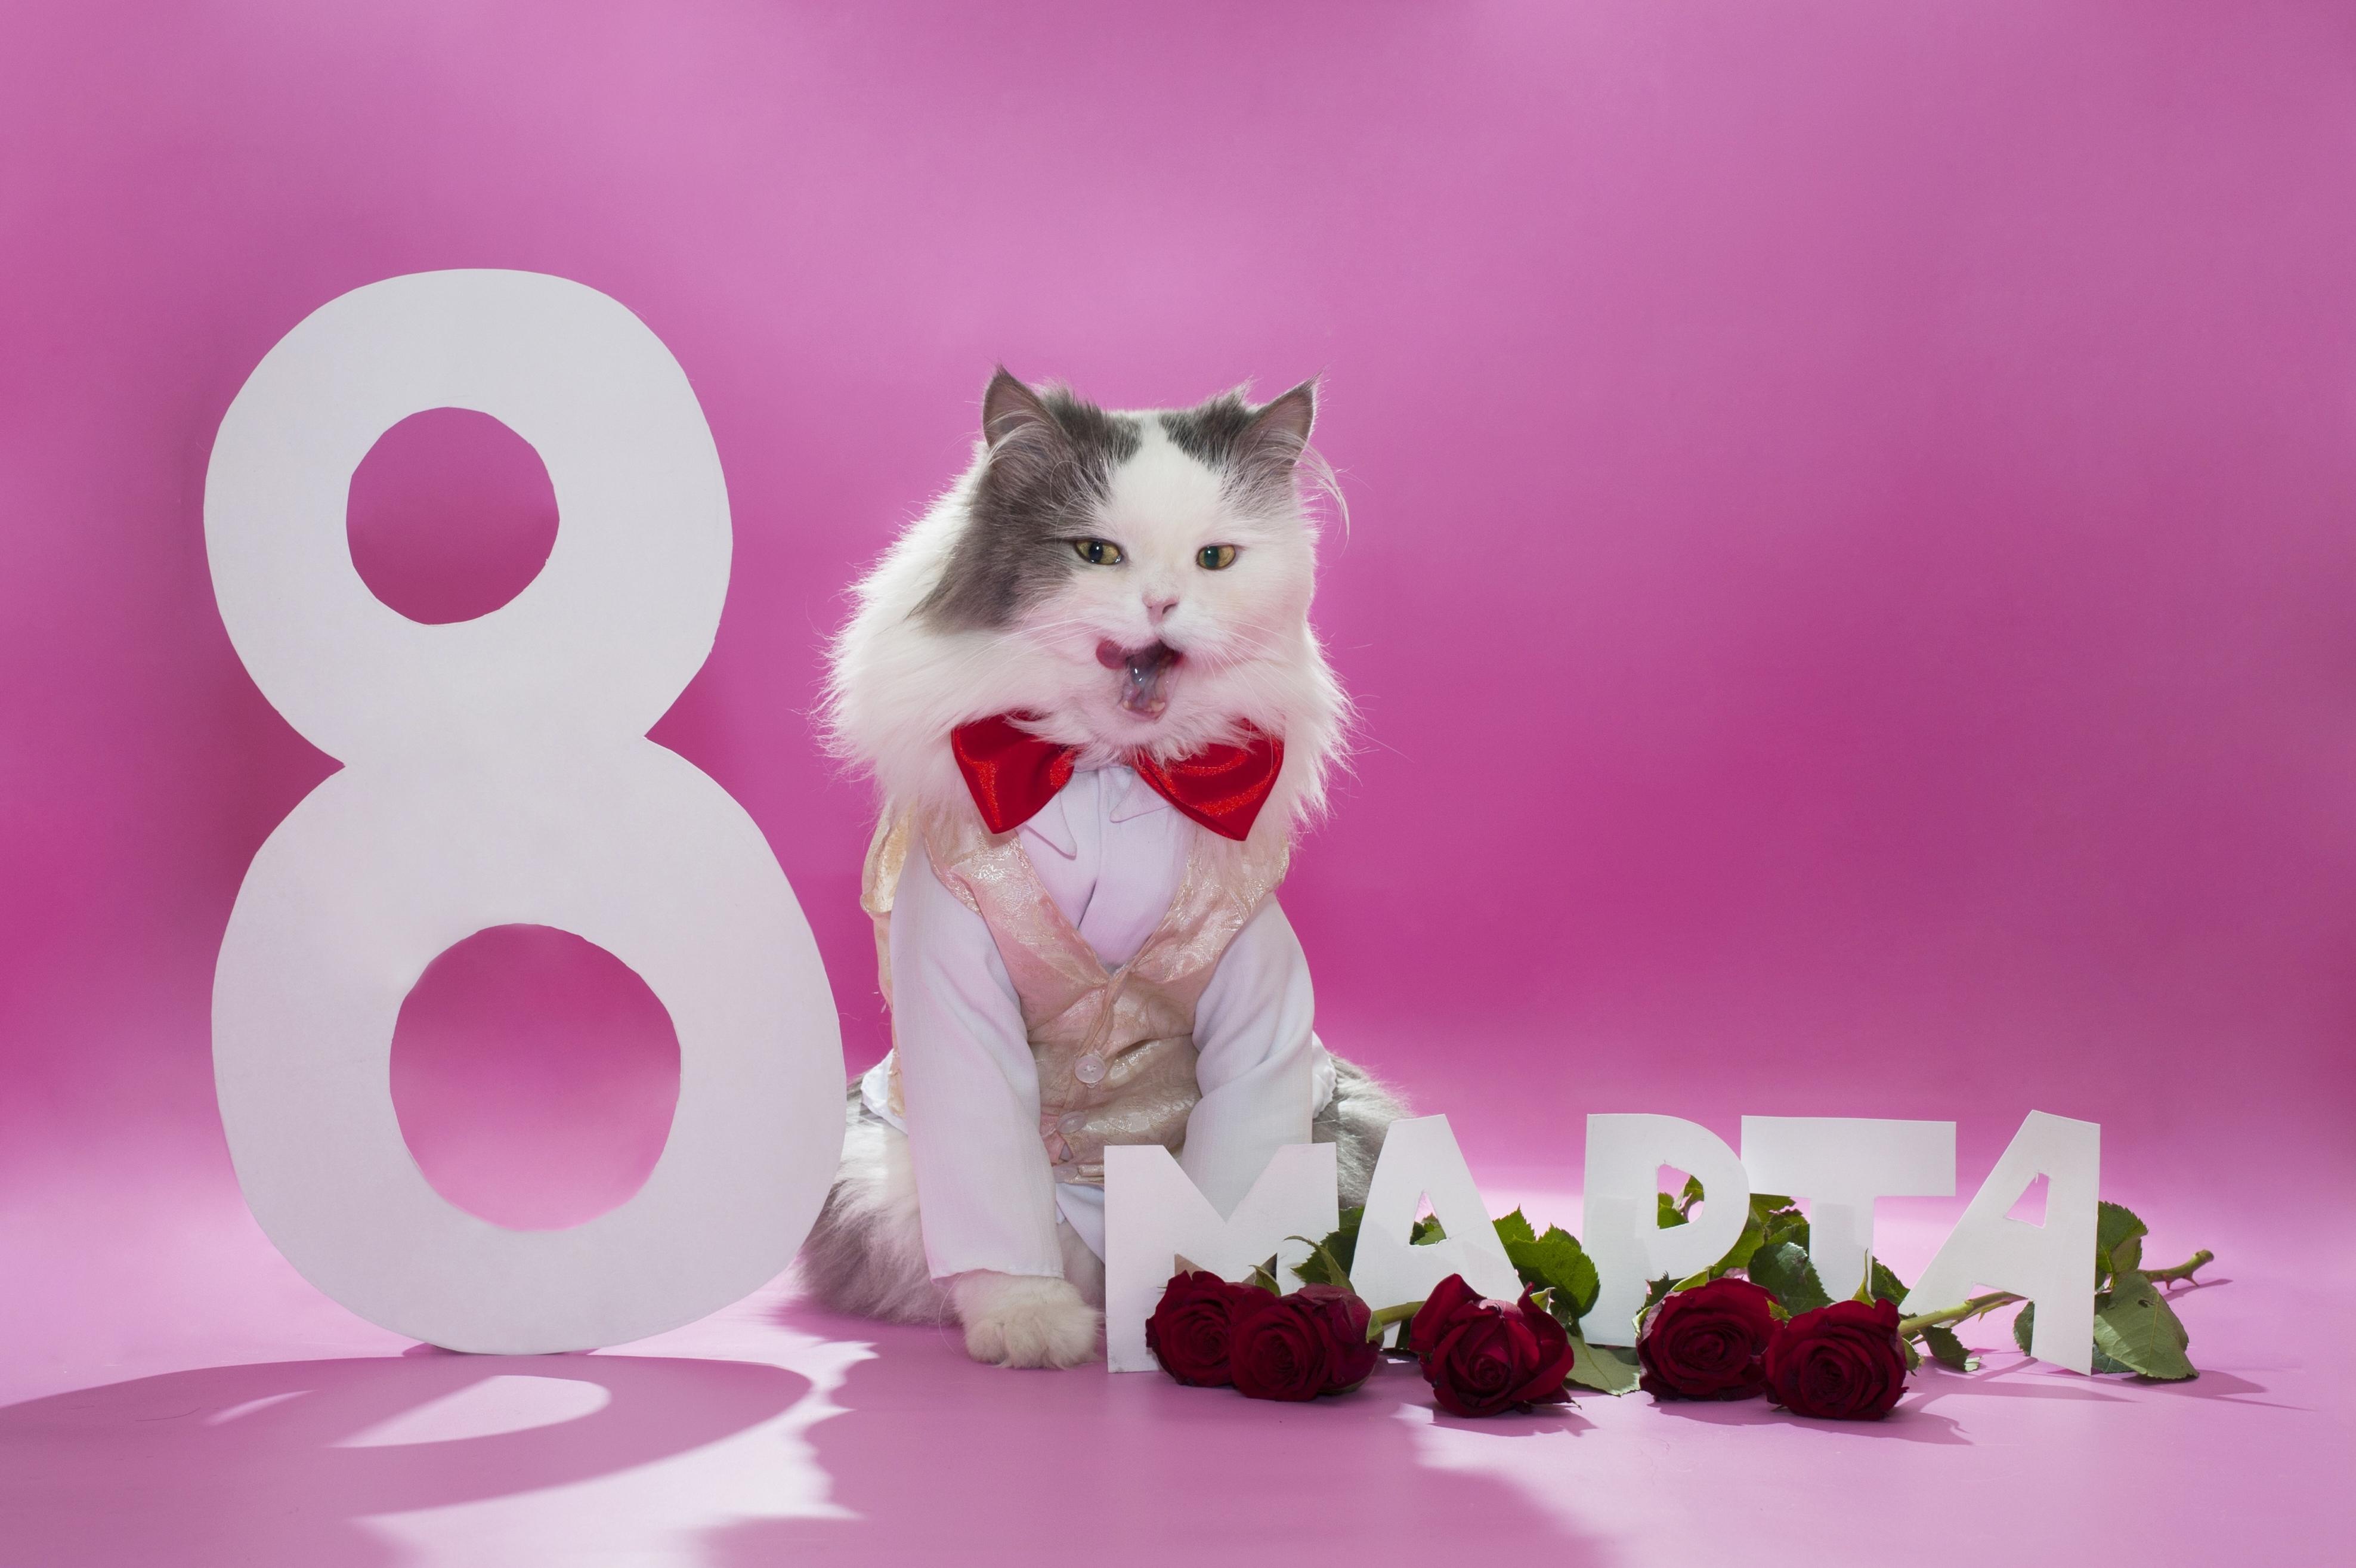 Надписями про, с 8 марта открытка с кошкой